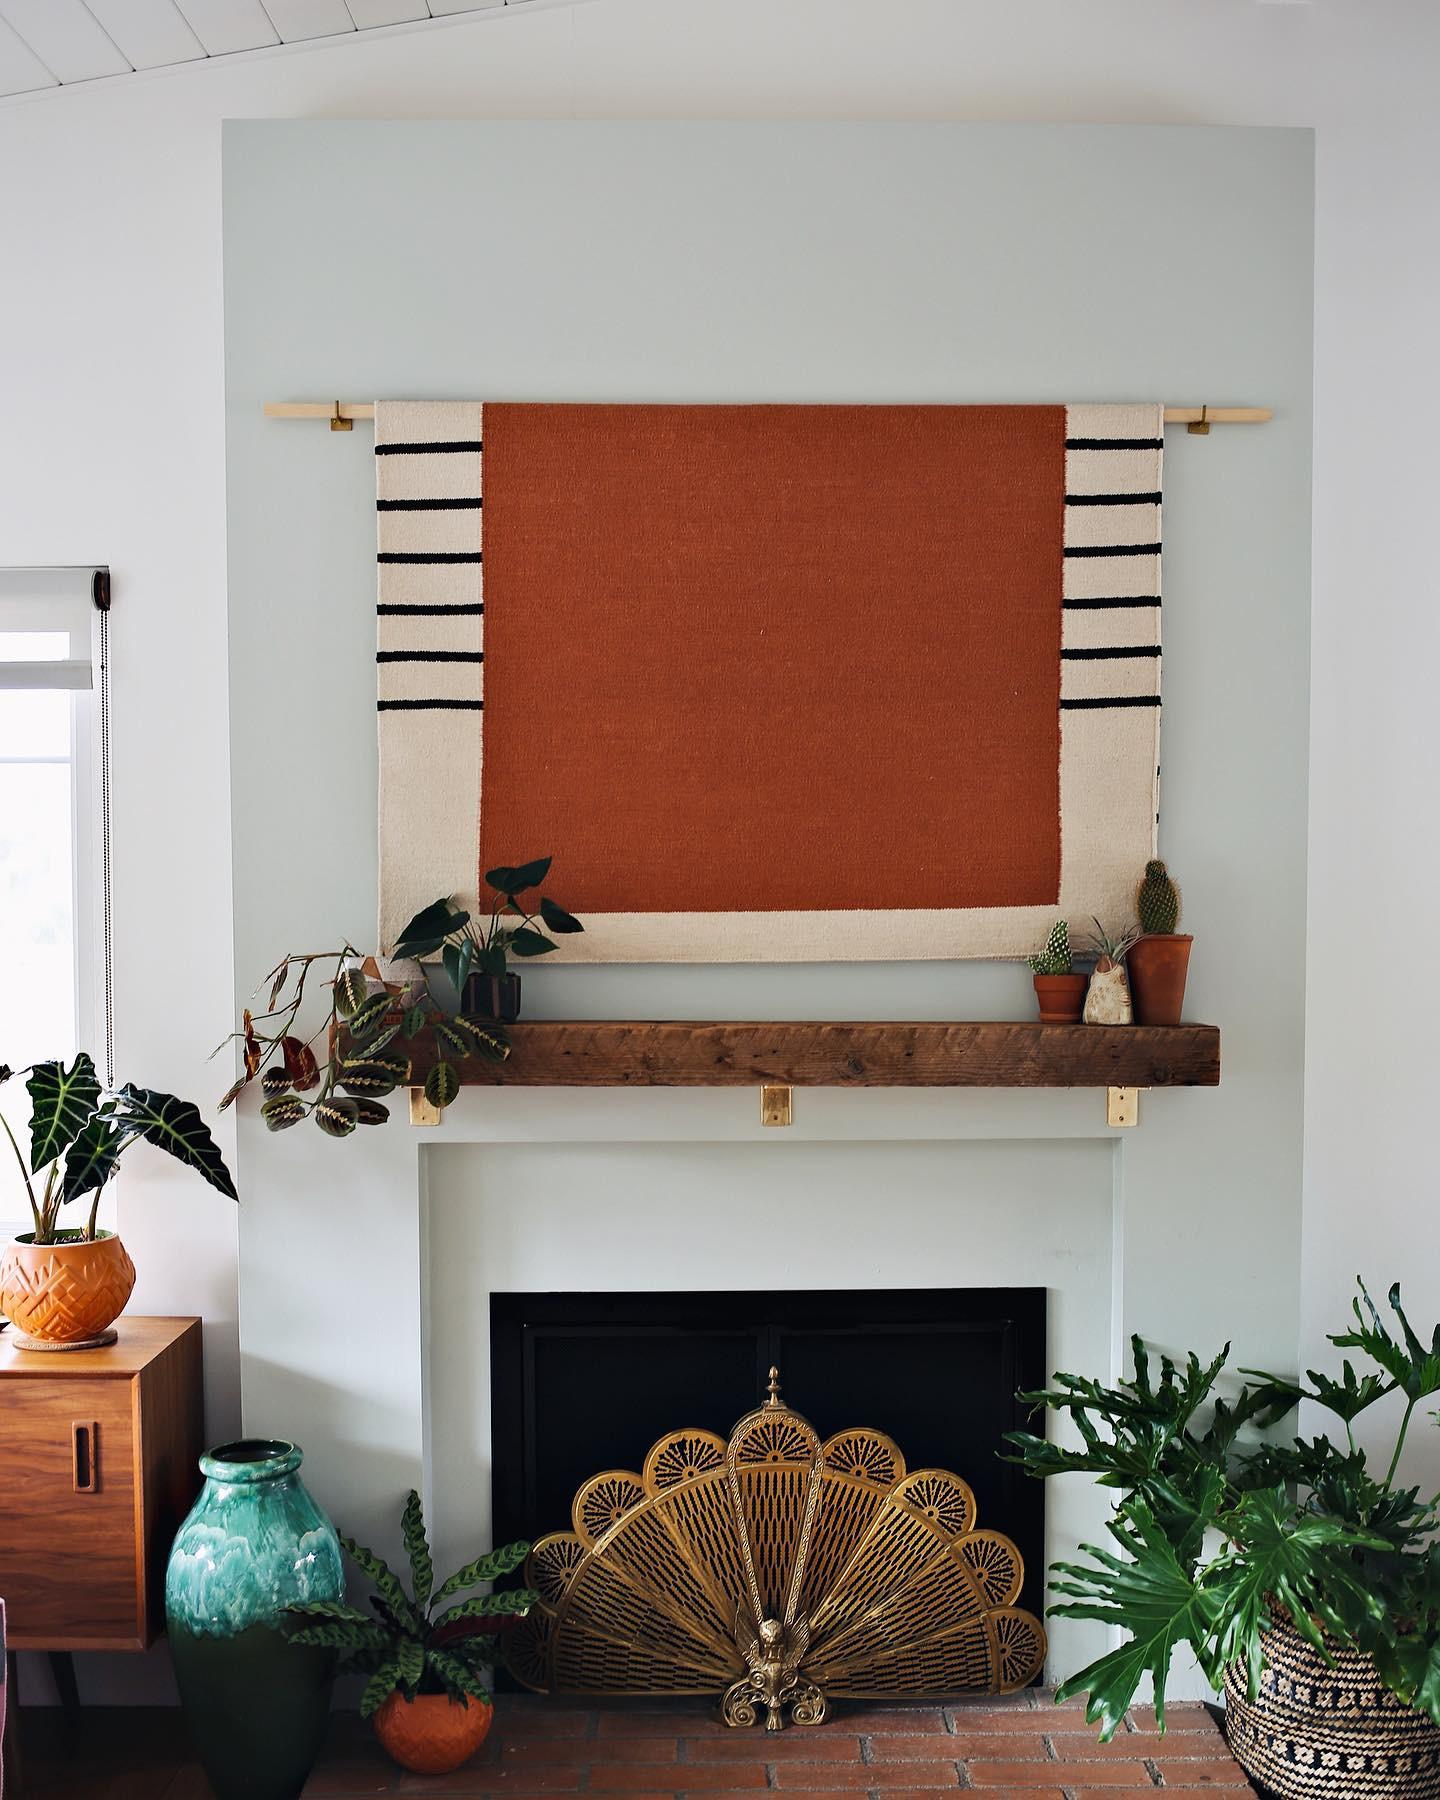 05_Fireplace Diy | Kristin Guy Dine X Design.jpg